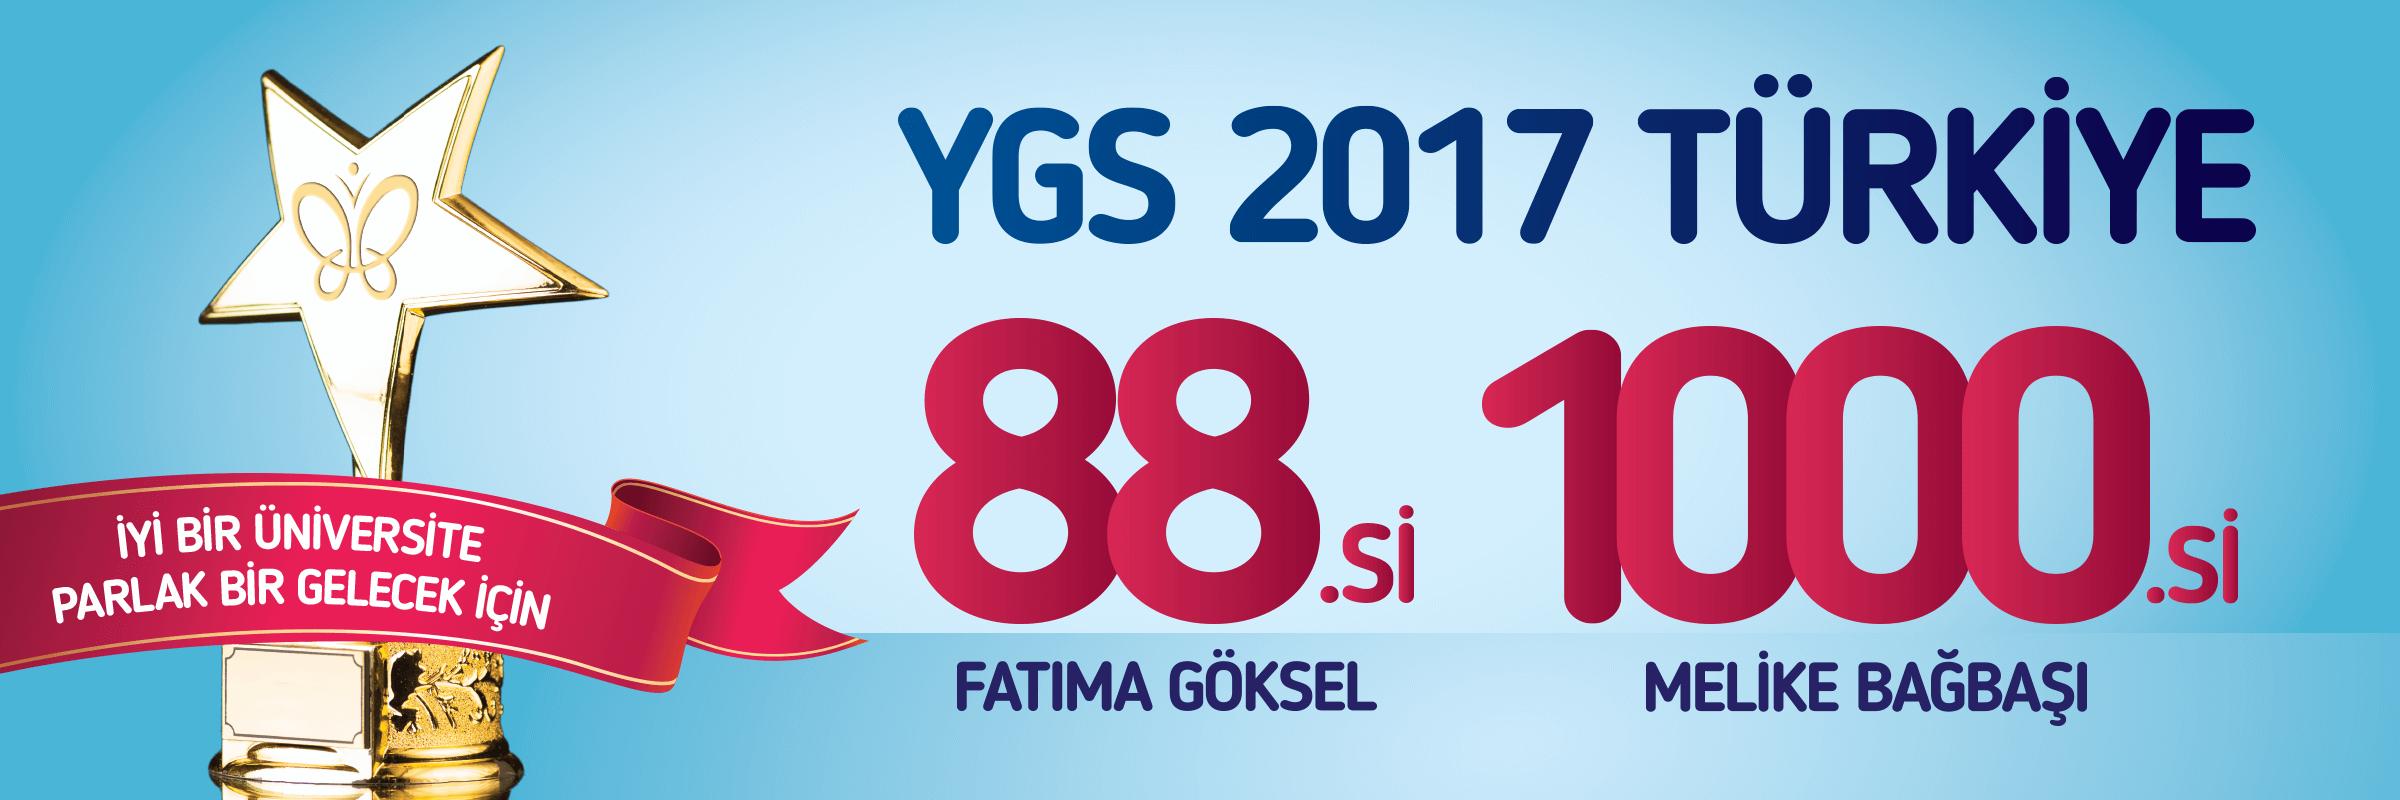 Meltem Koleji YGS Başarısı 2017